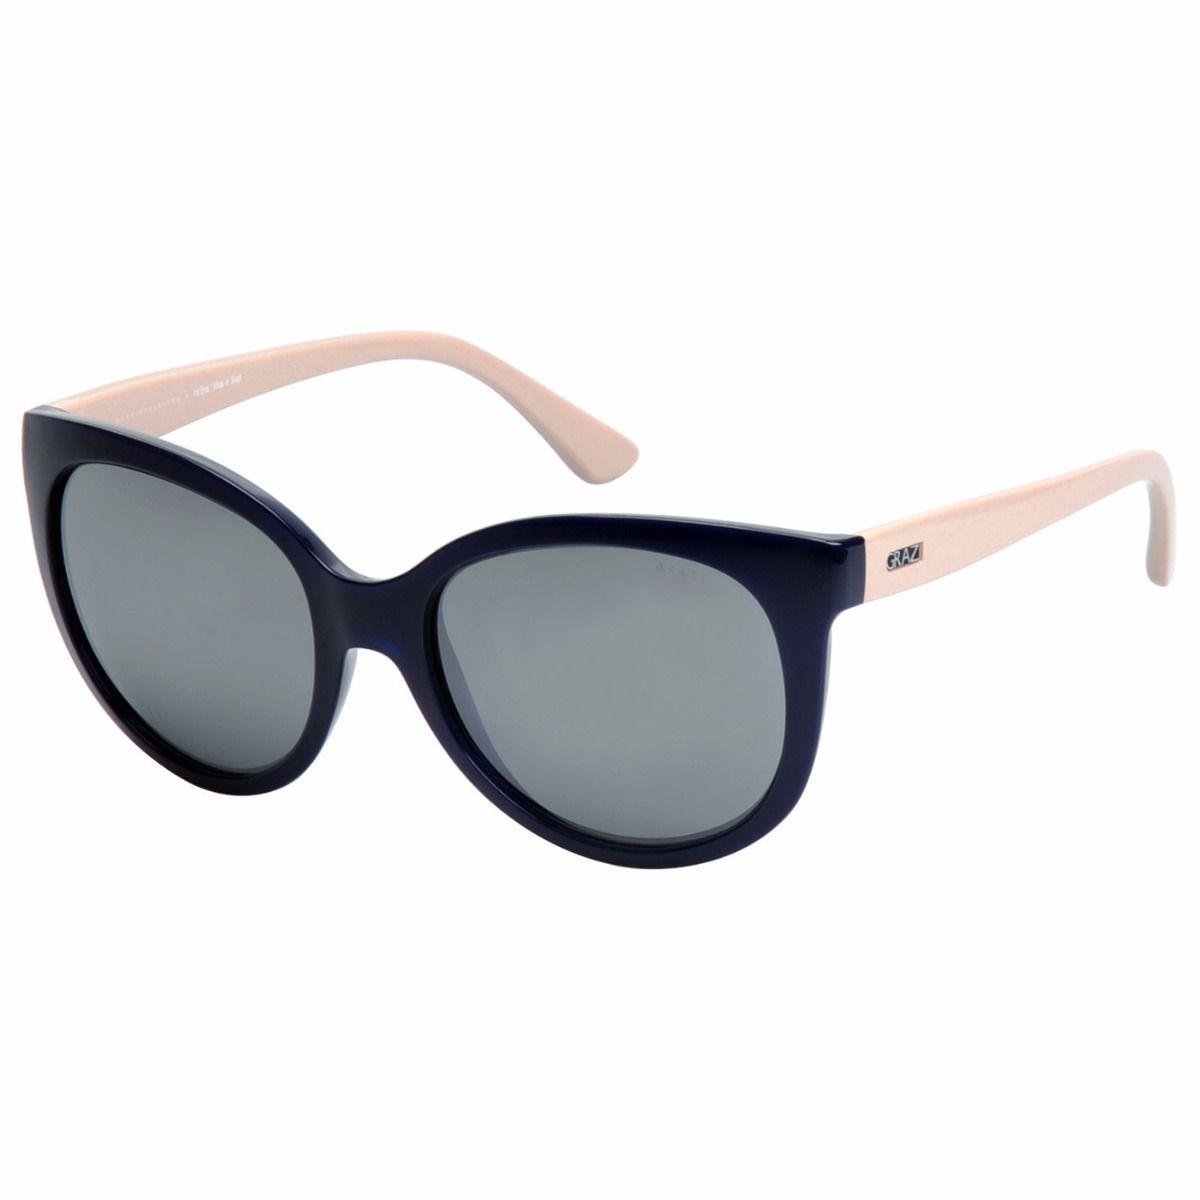 91144162e9dcf Óculos de Sol Feminino Grazi Massafera GZ4019 F342 - Omega Ótica e ...